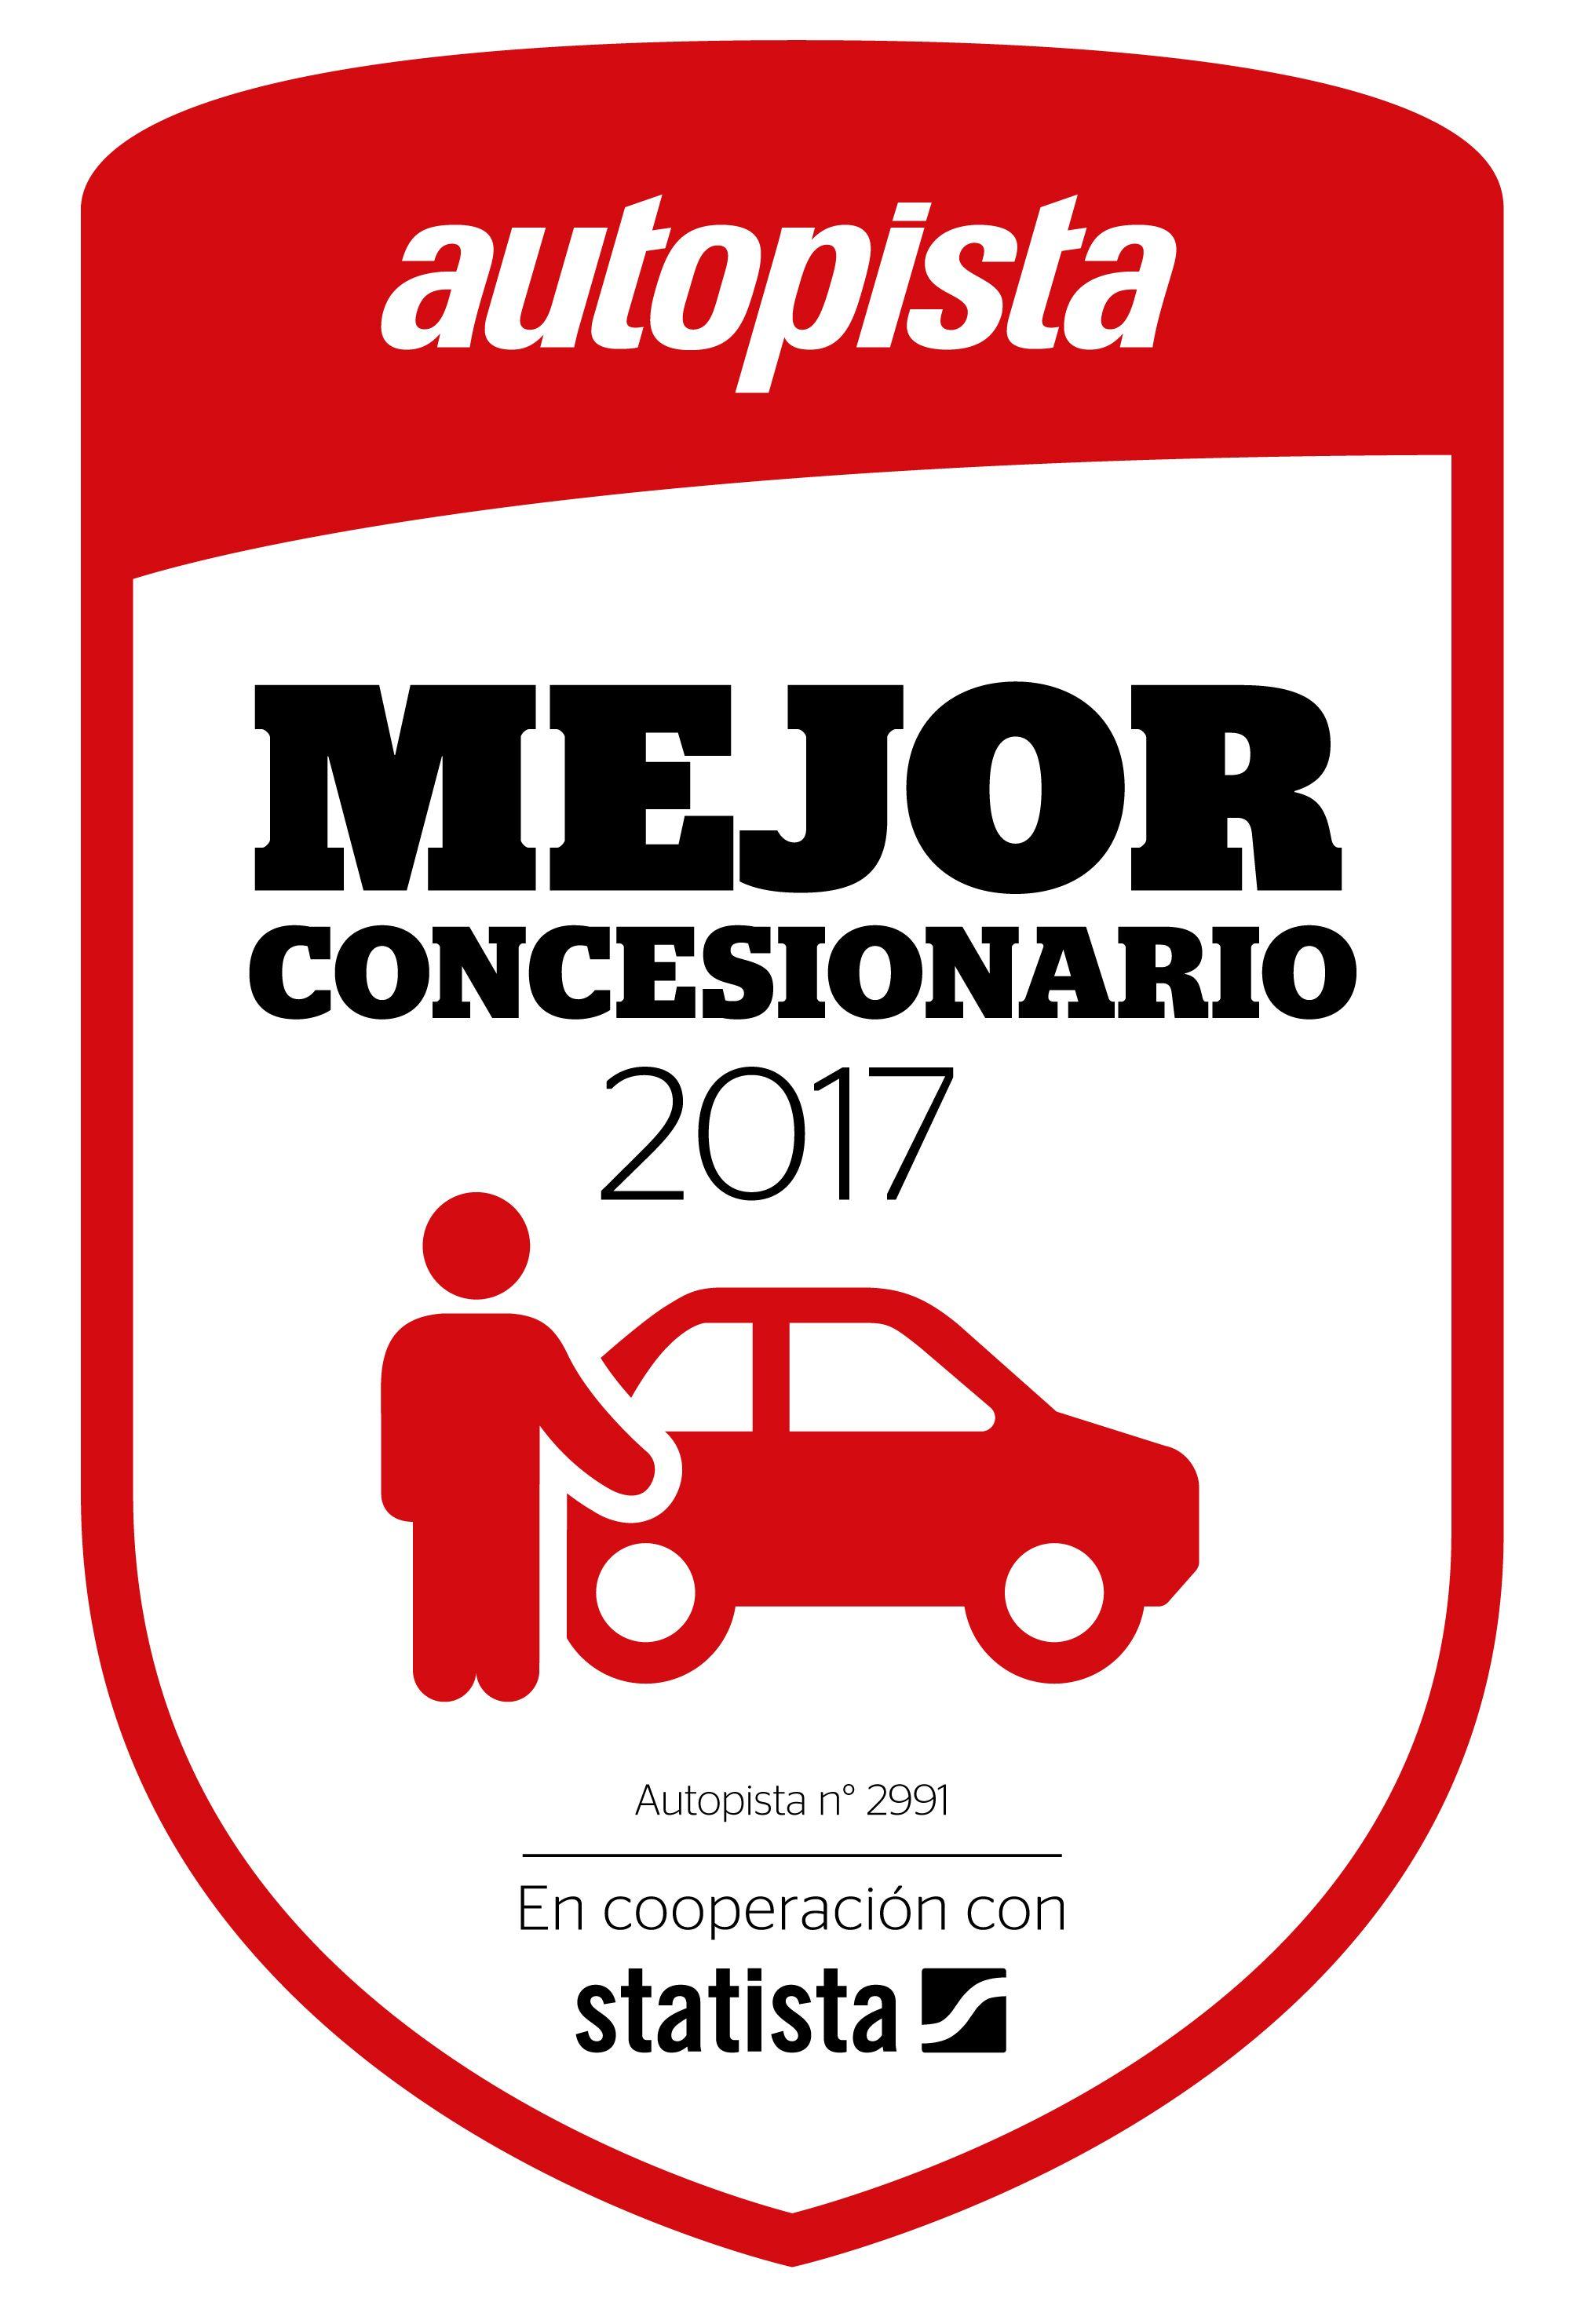 Koni Motor, entre los 500 mejores concesionarios de España